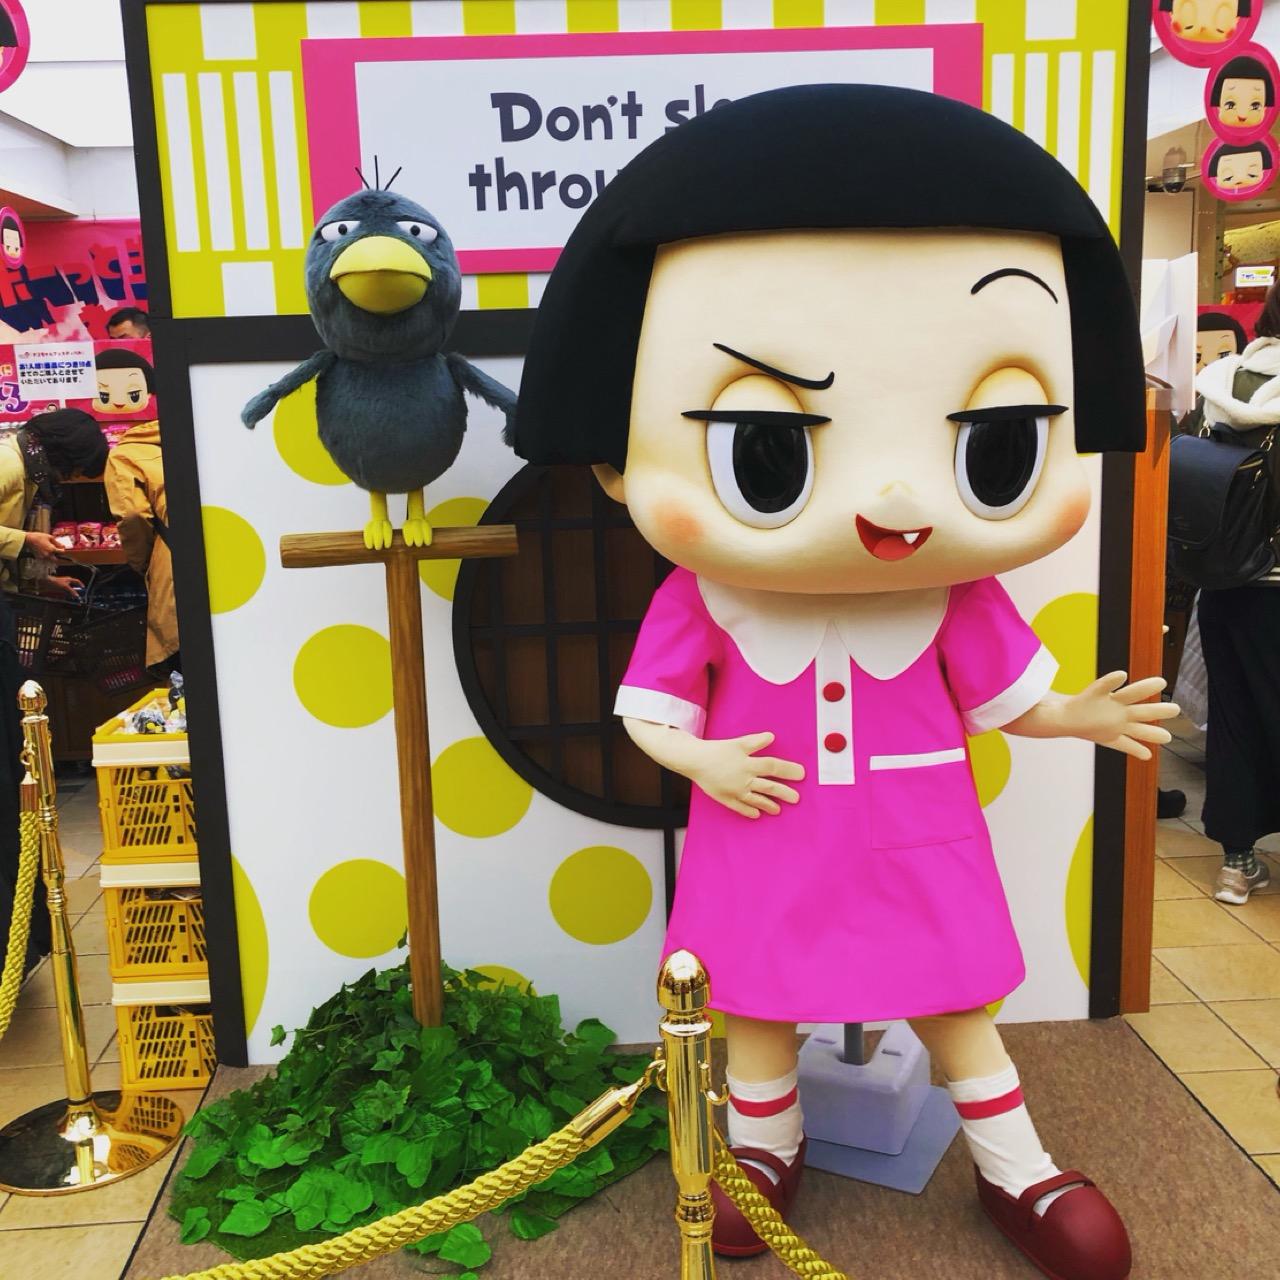 #ボーっと生きてんじゃねーよ!<期間限定>チコちゃん&キョエちゃんグッズの販売イベントが東京駅で開催中!♡_1